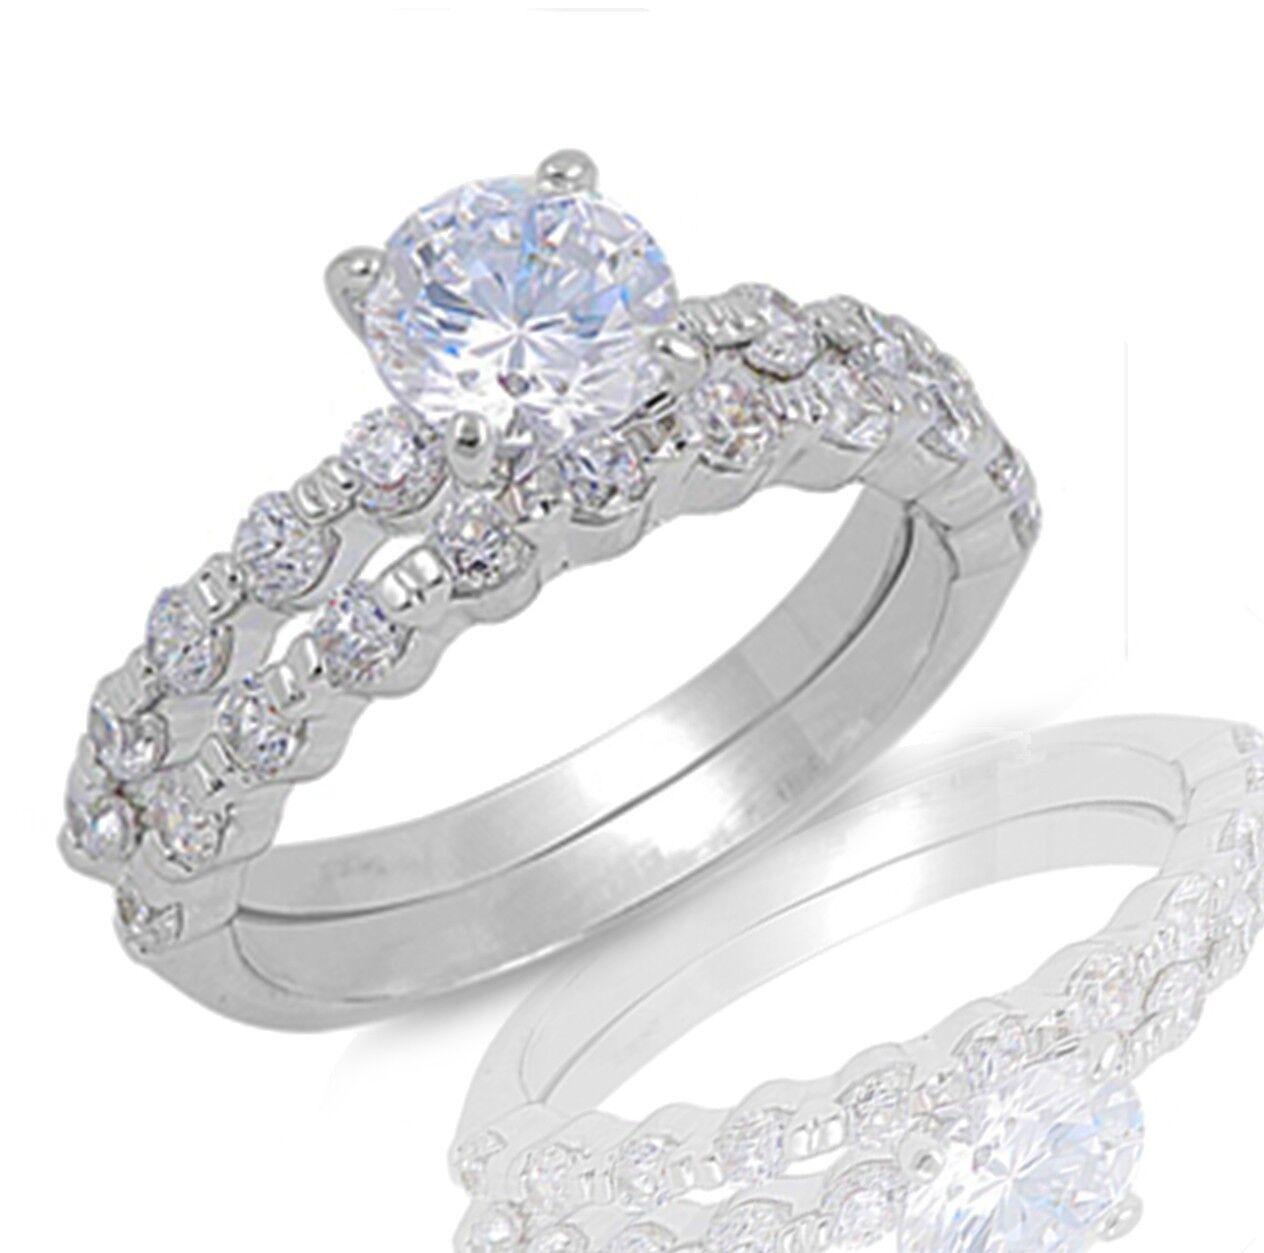 Tagliata Brillante Zirconia Cubica Fidanzamento Matrimonio Anello argentoo Set Set Set bb44f6